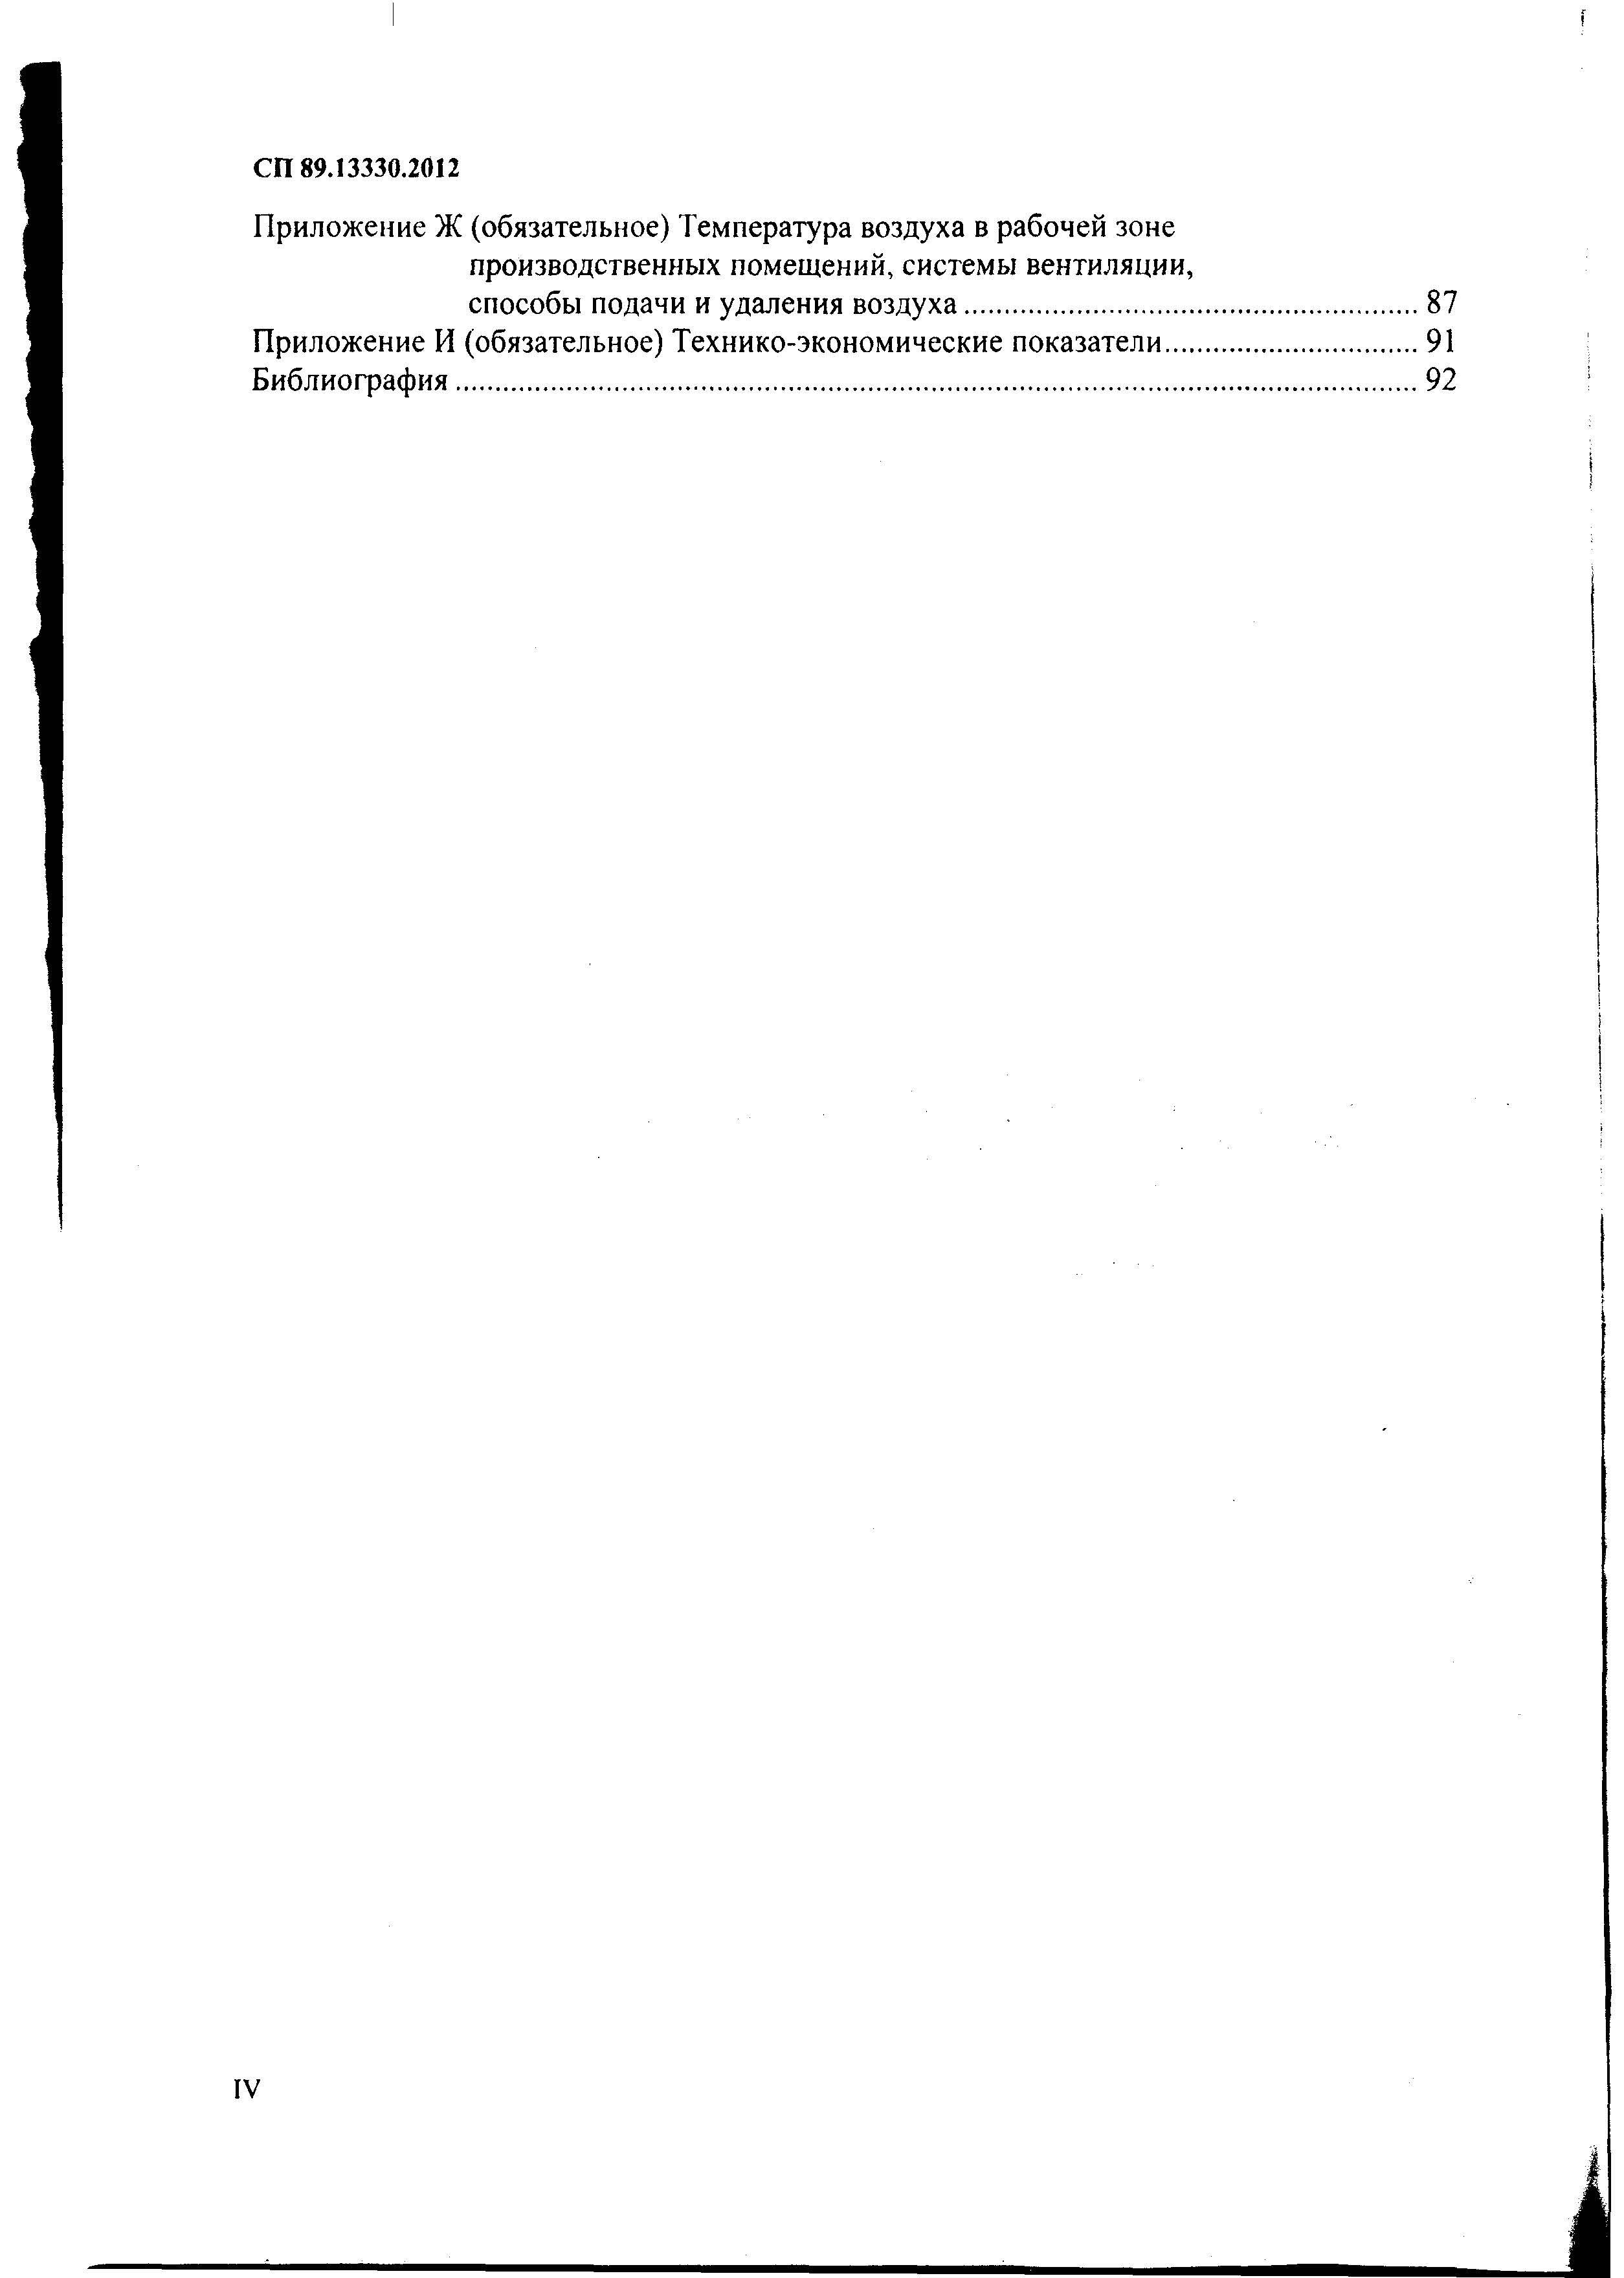 СП 89133302012 Котельные установки официальное издание